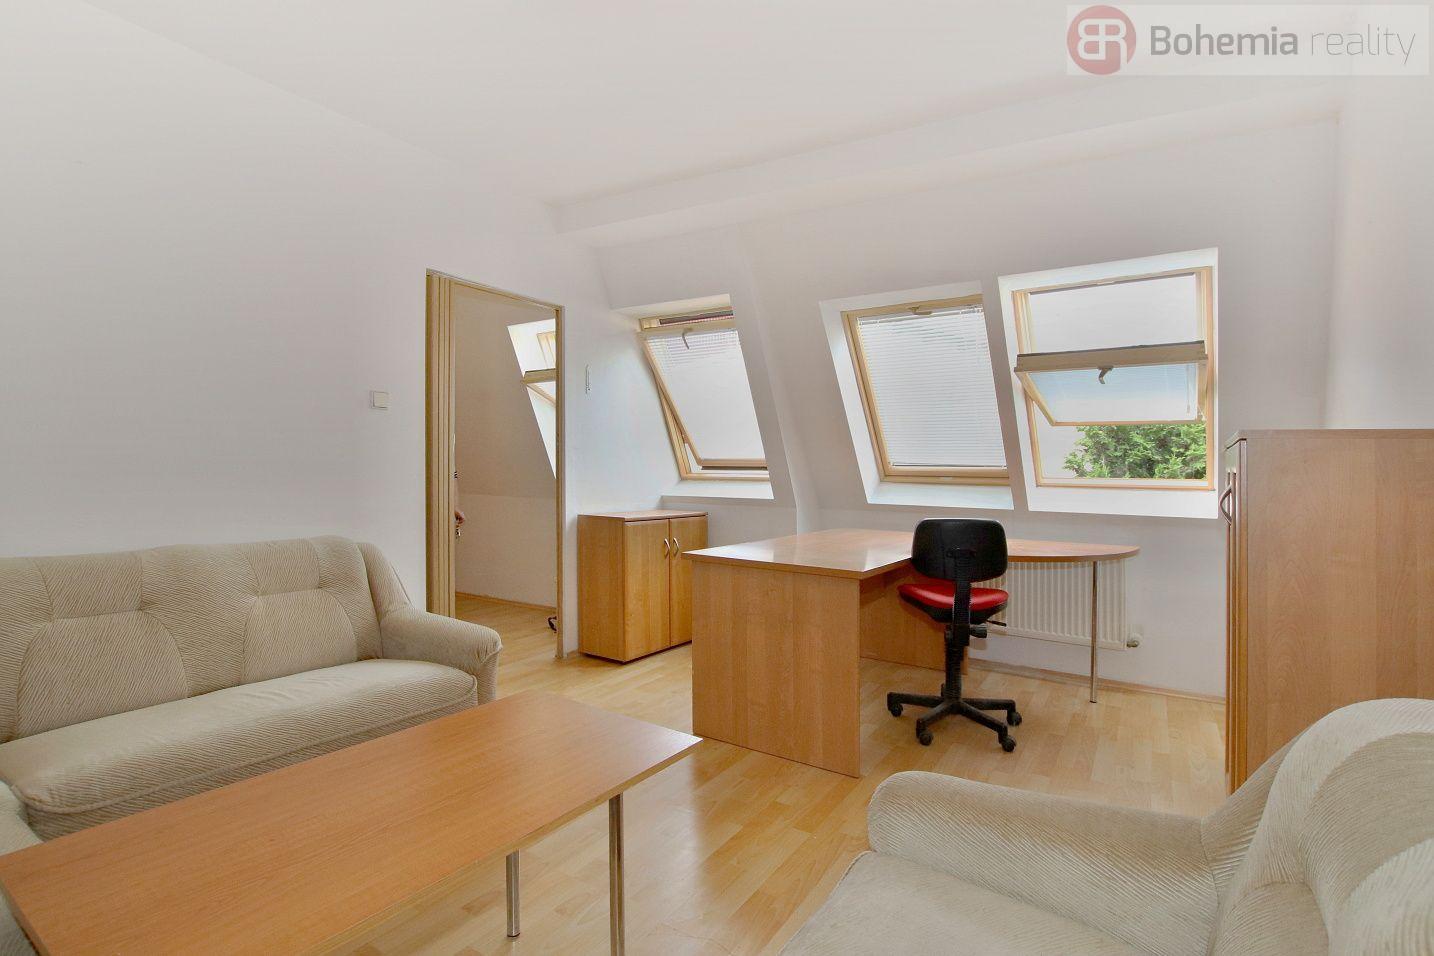 Pronájem kanceláře 60 m2, Praha 8 - Libeň